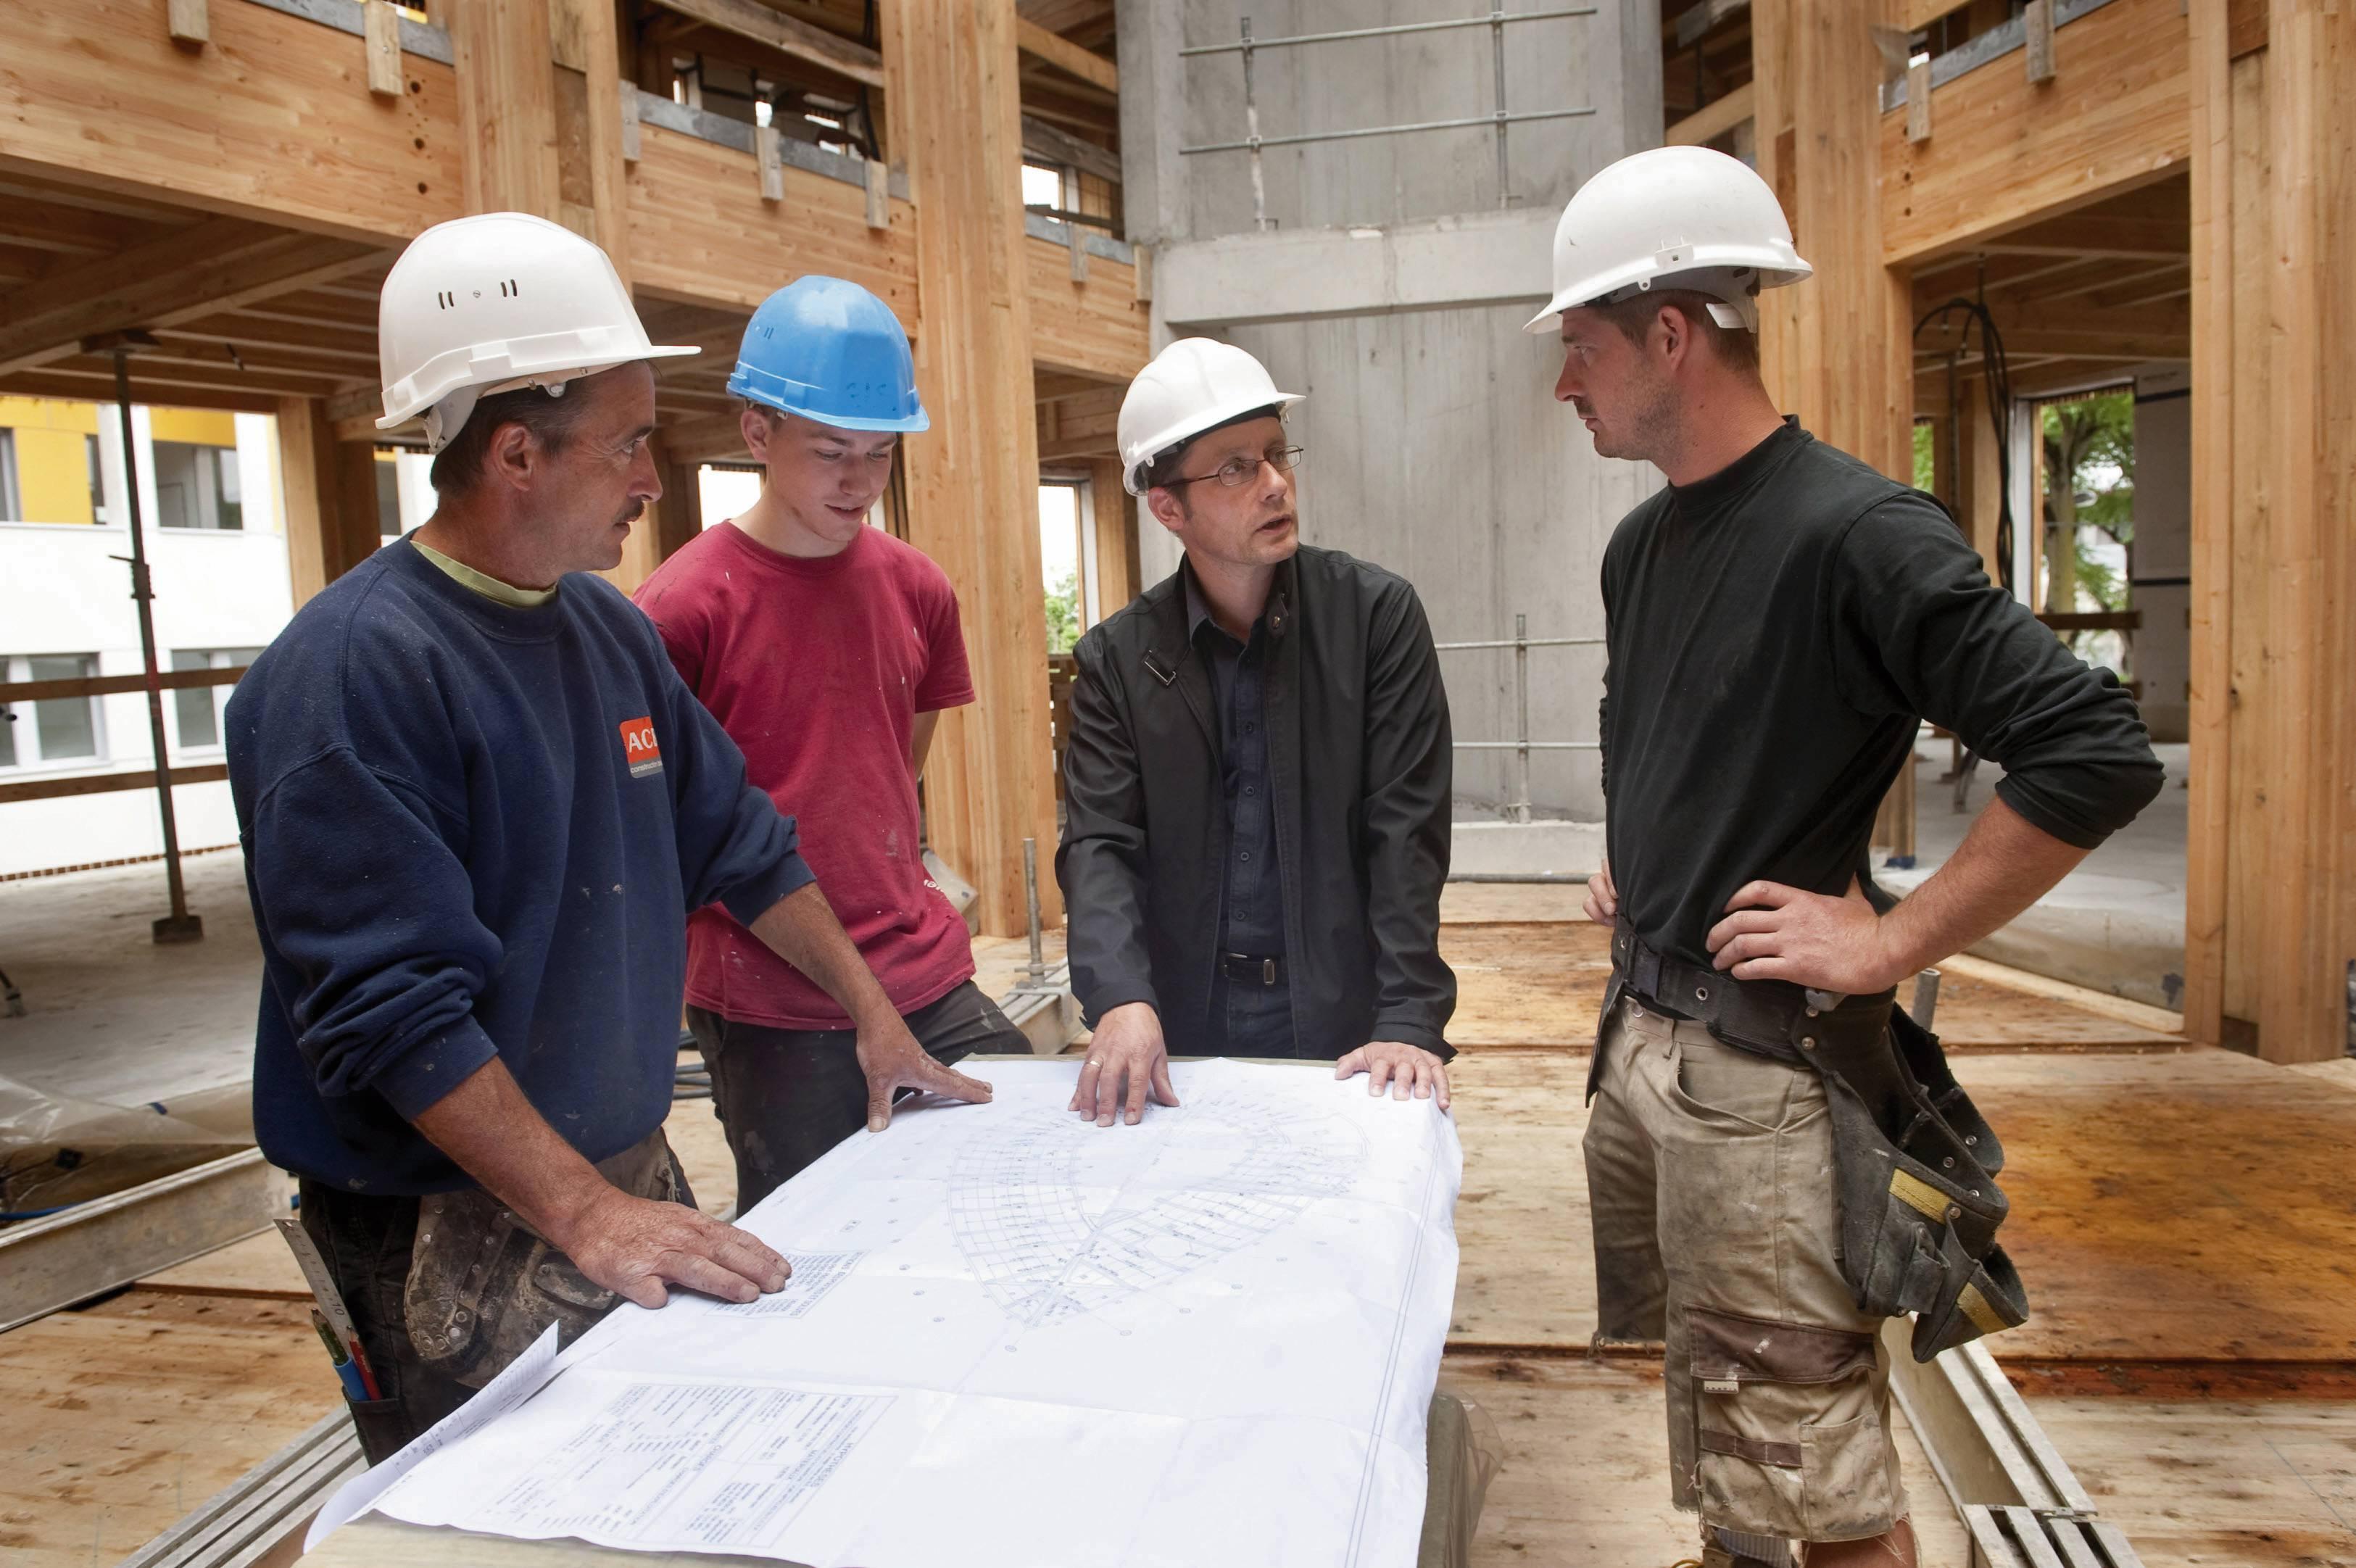 Constructeur Maison En Bois Loir Et Cher six constructeurs bois s'allient pour gagner des marchés